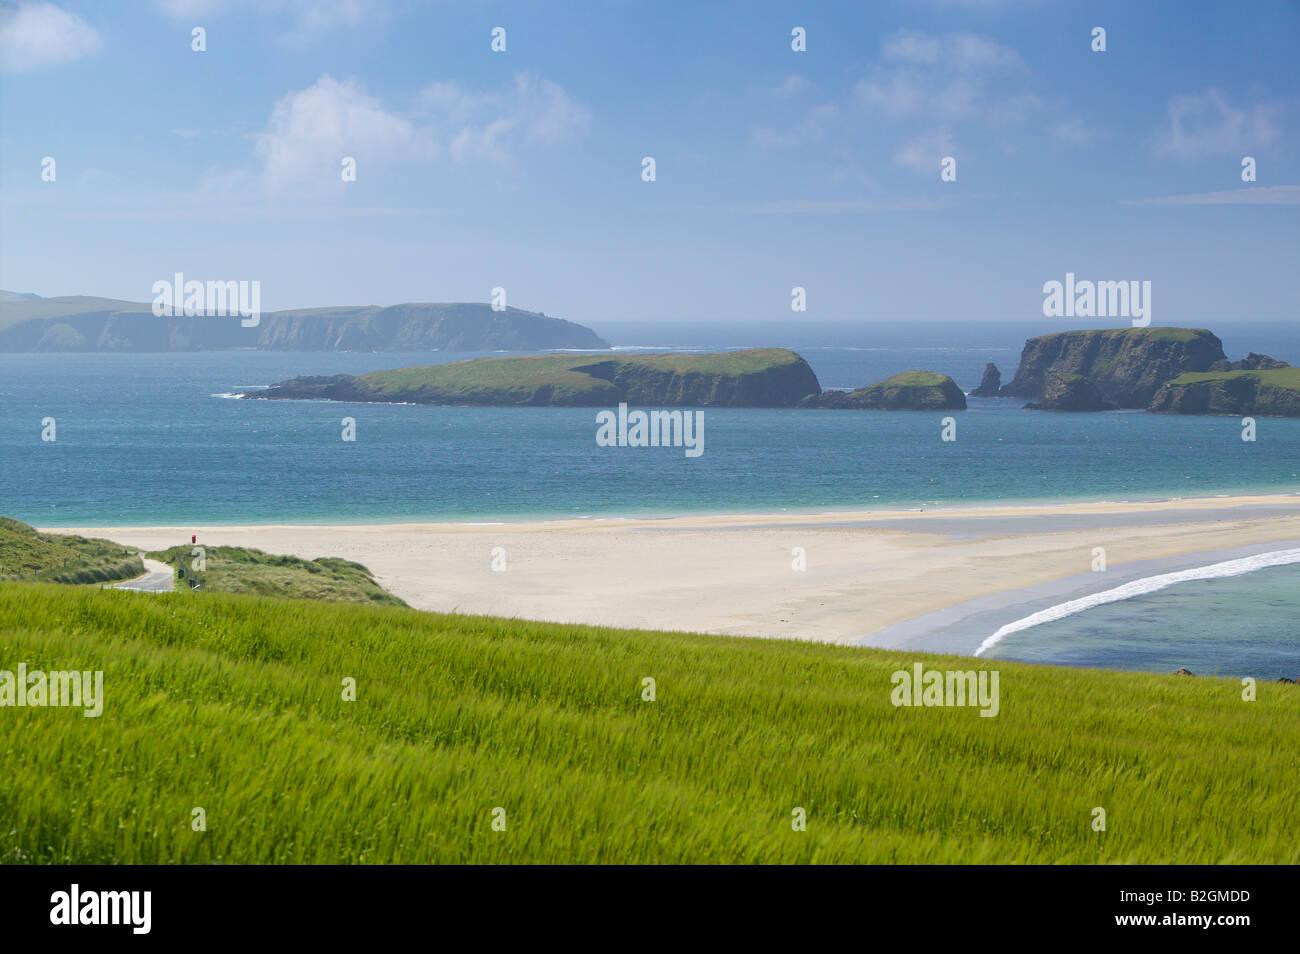 St. Ninian Isle und Tombolo, Mainland, Shetland-Inseln, Schottland, UK. Stockfoto